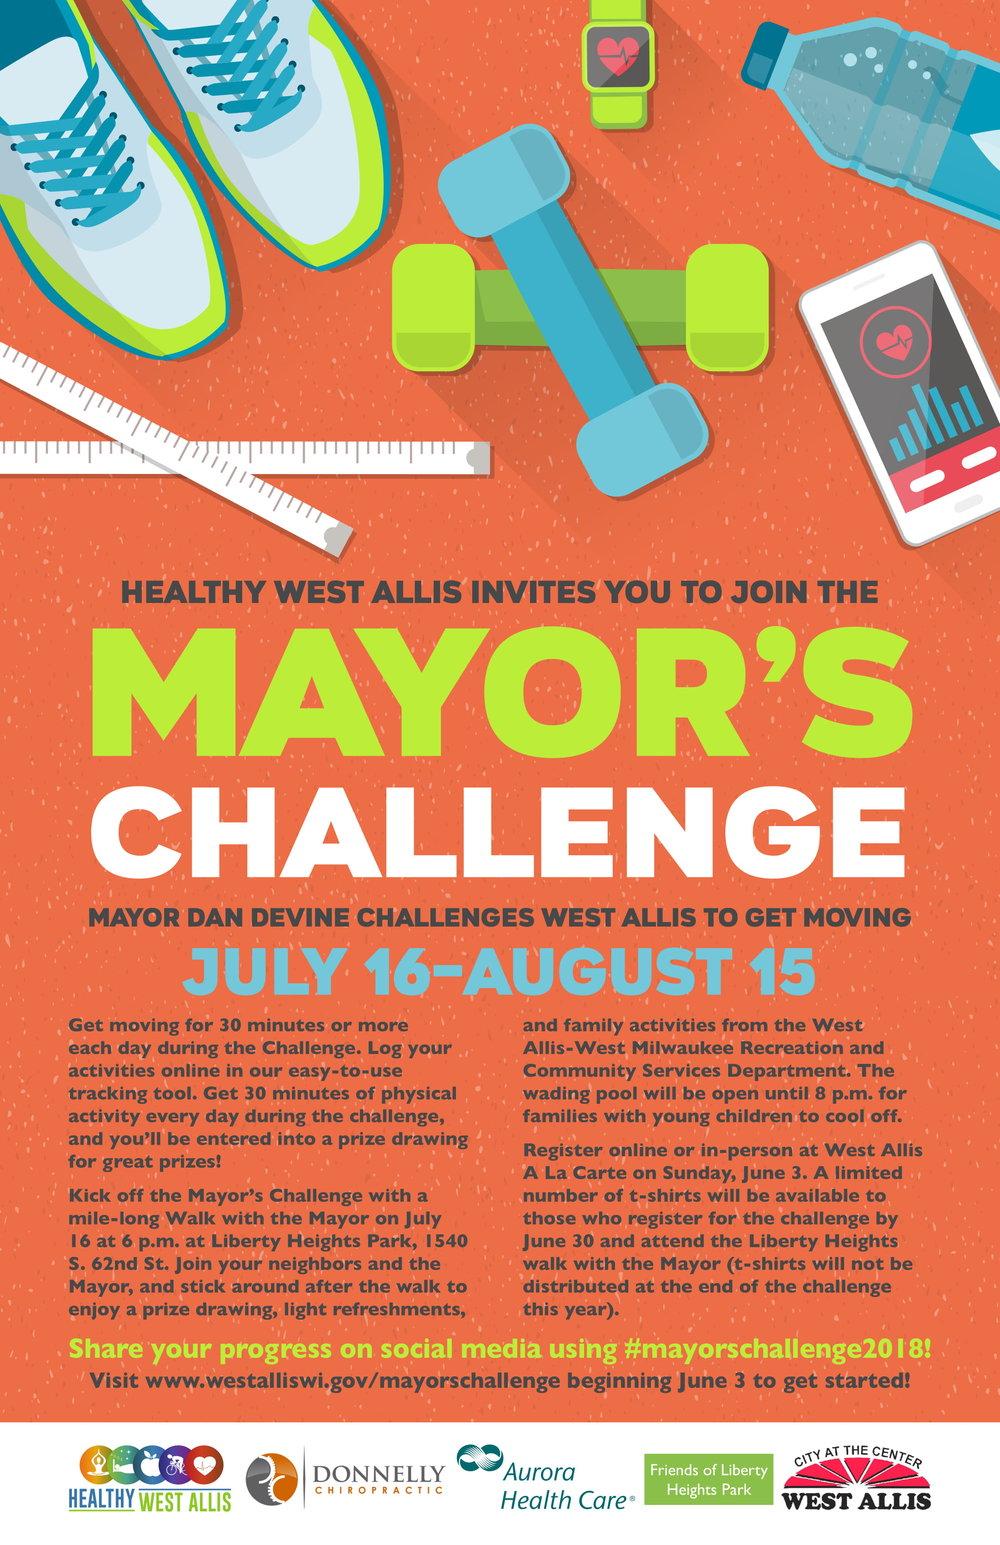 MayorsChallenge_Poster2_(1)-1[1].jpg